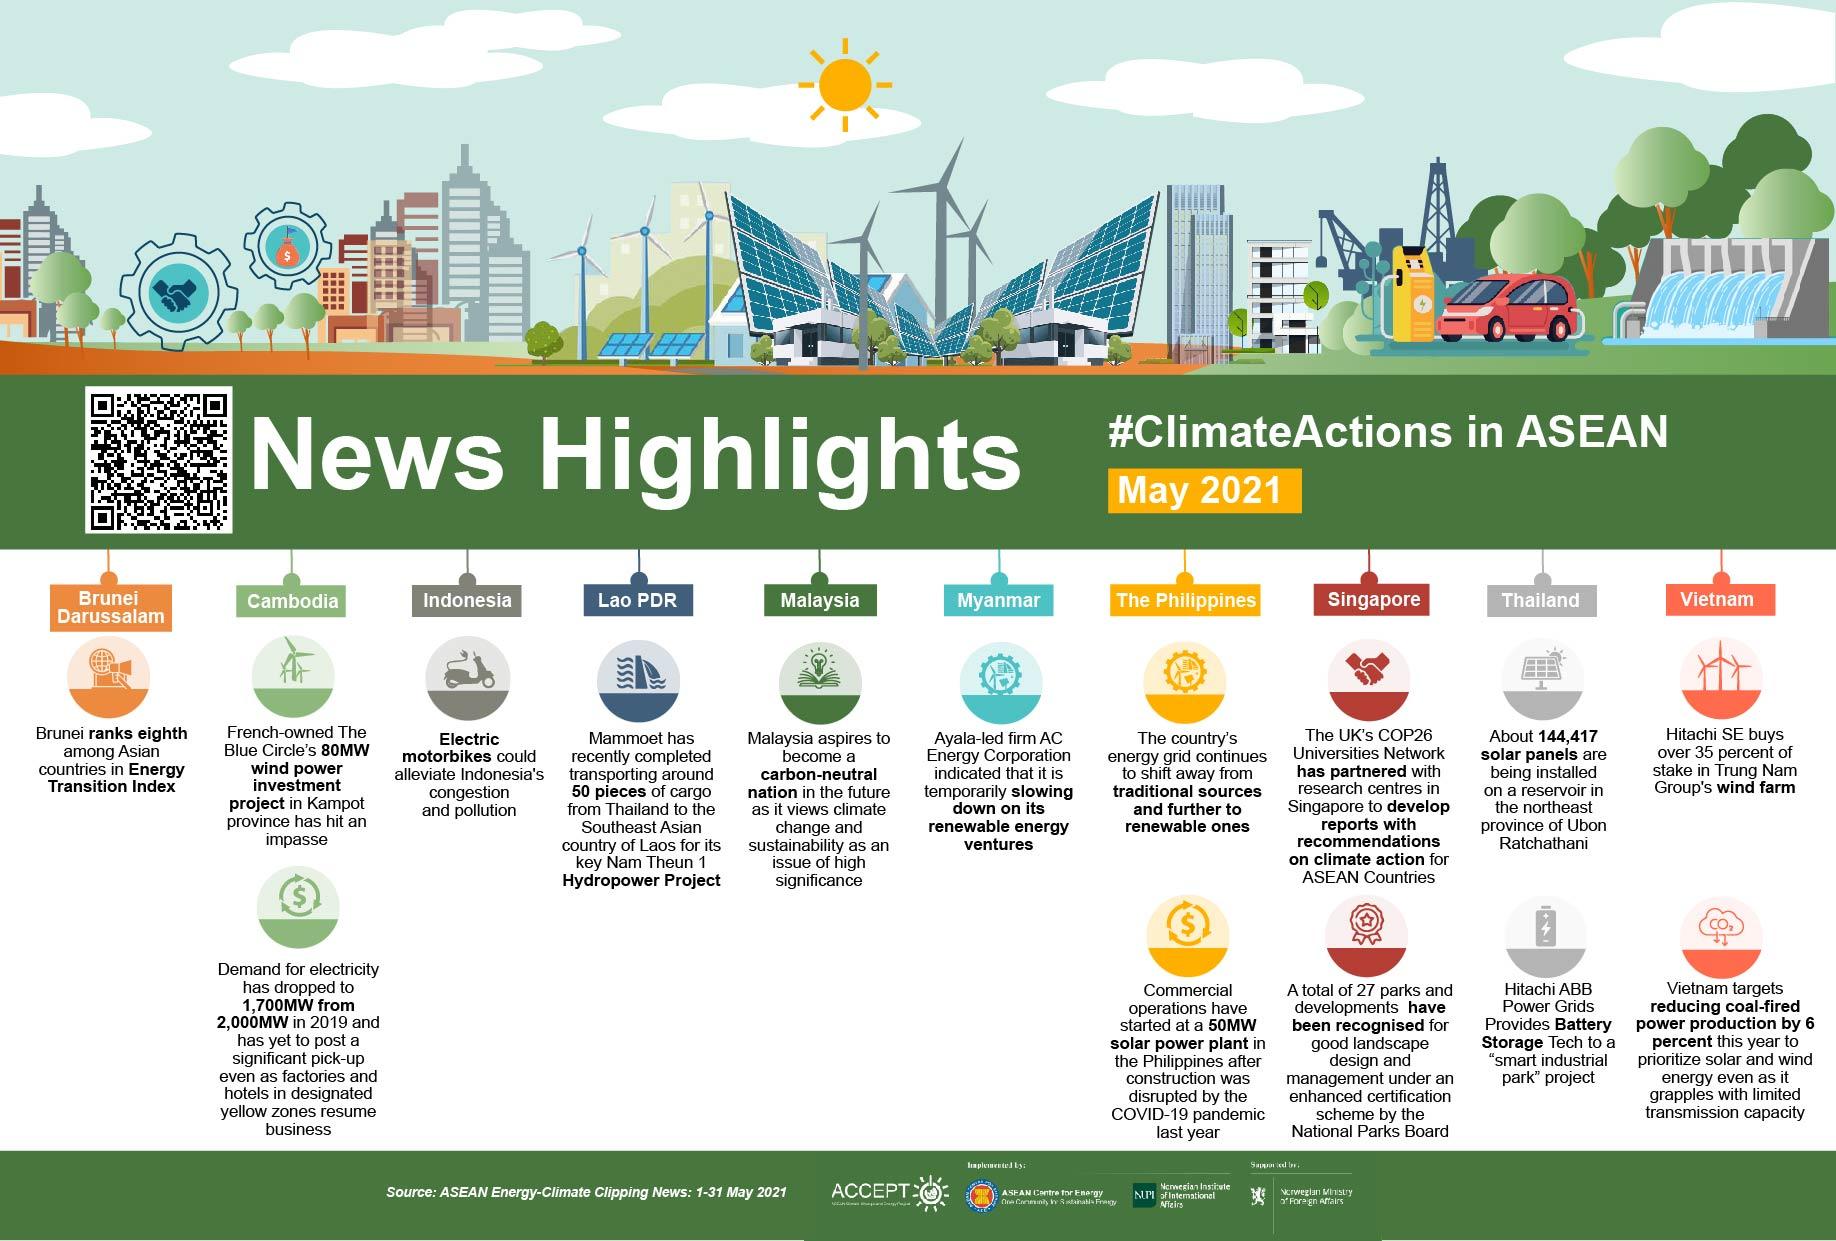 News Highlights May 2021